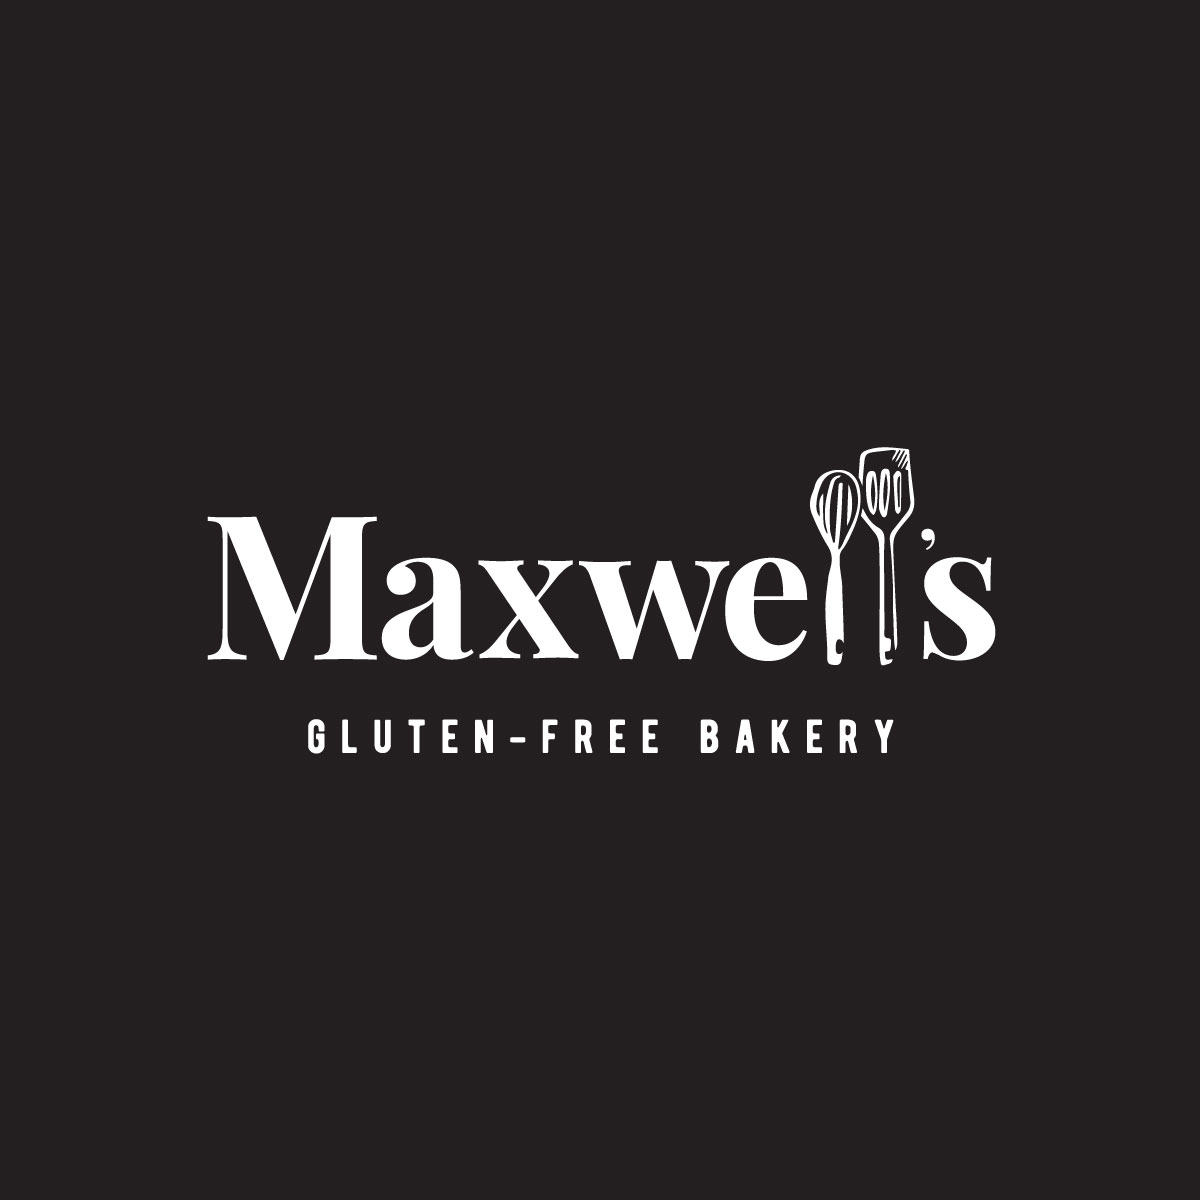 / branding for local bakery /